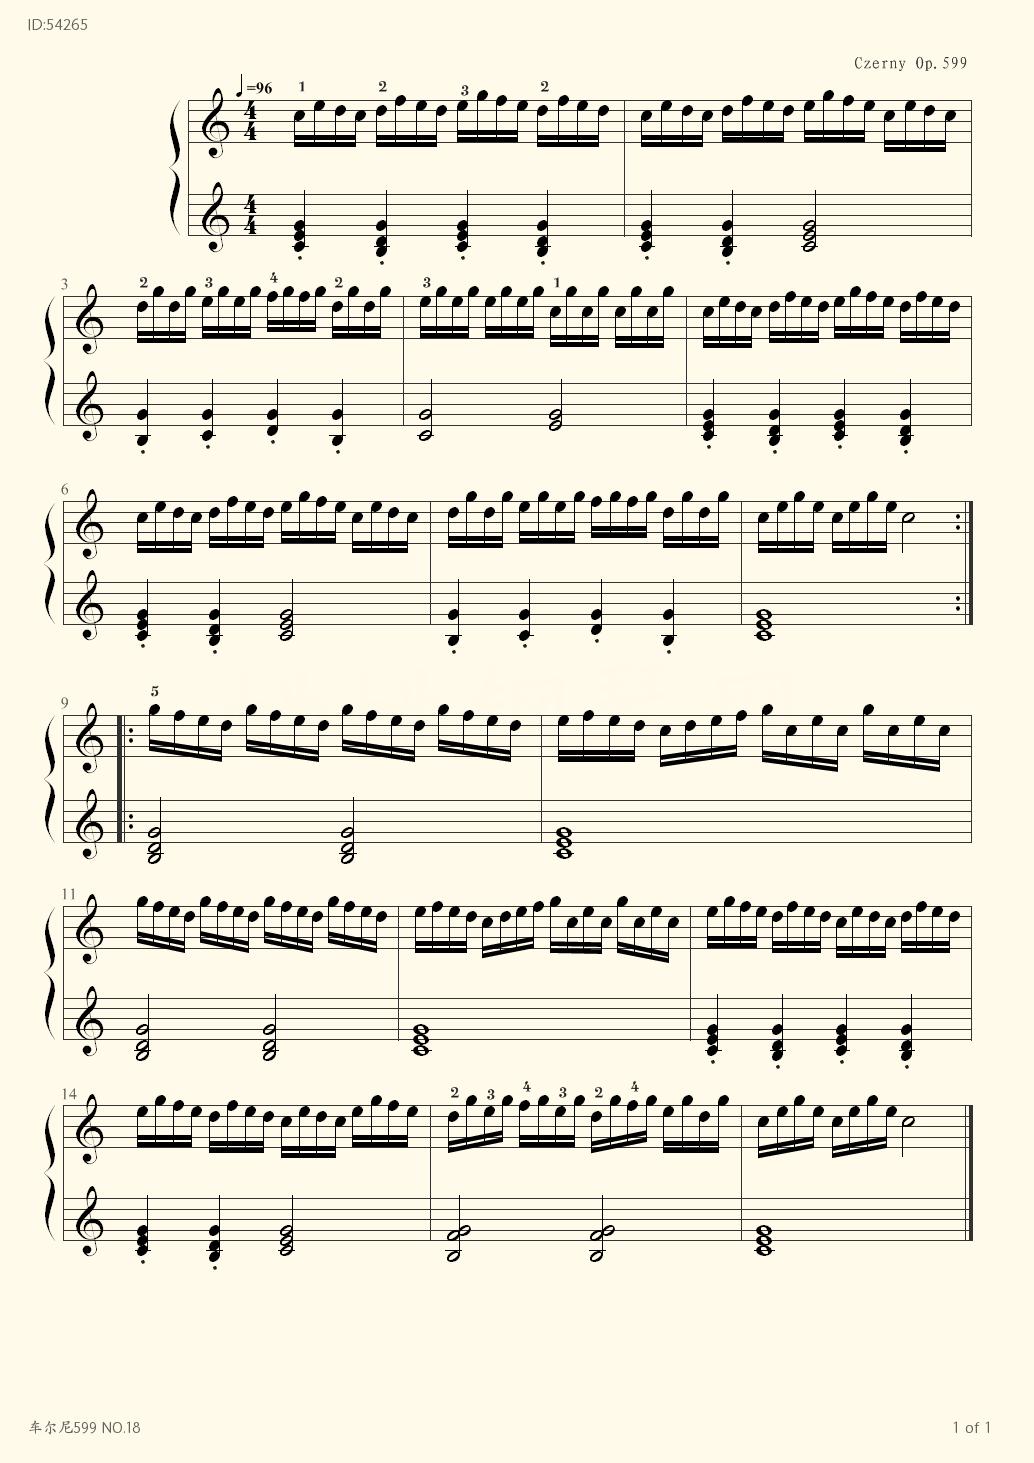 599 NO 18 - Czerny - first page